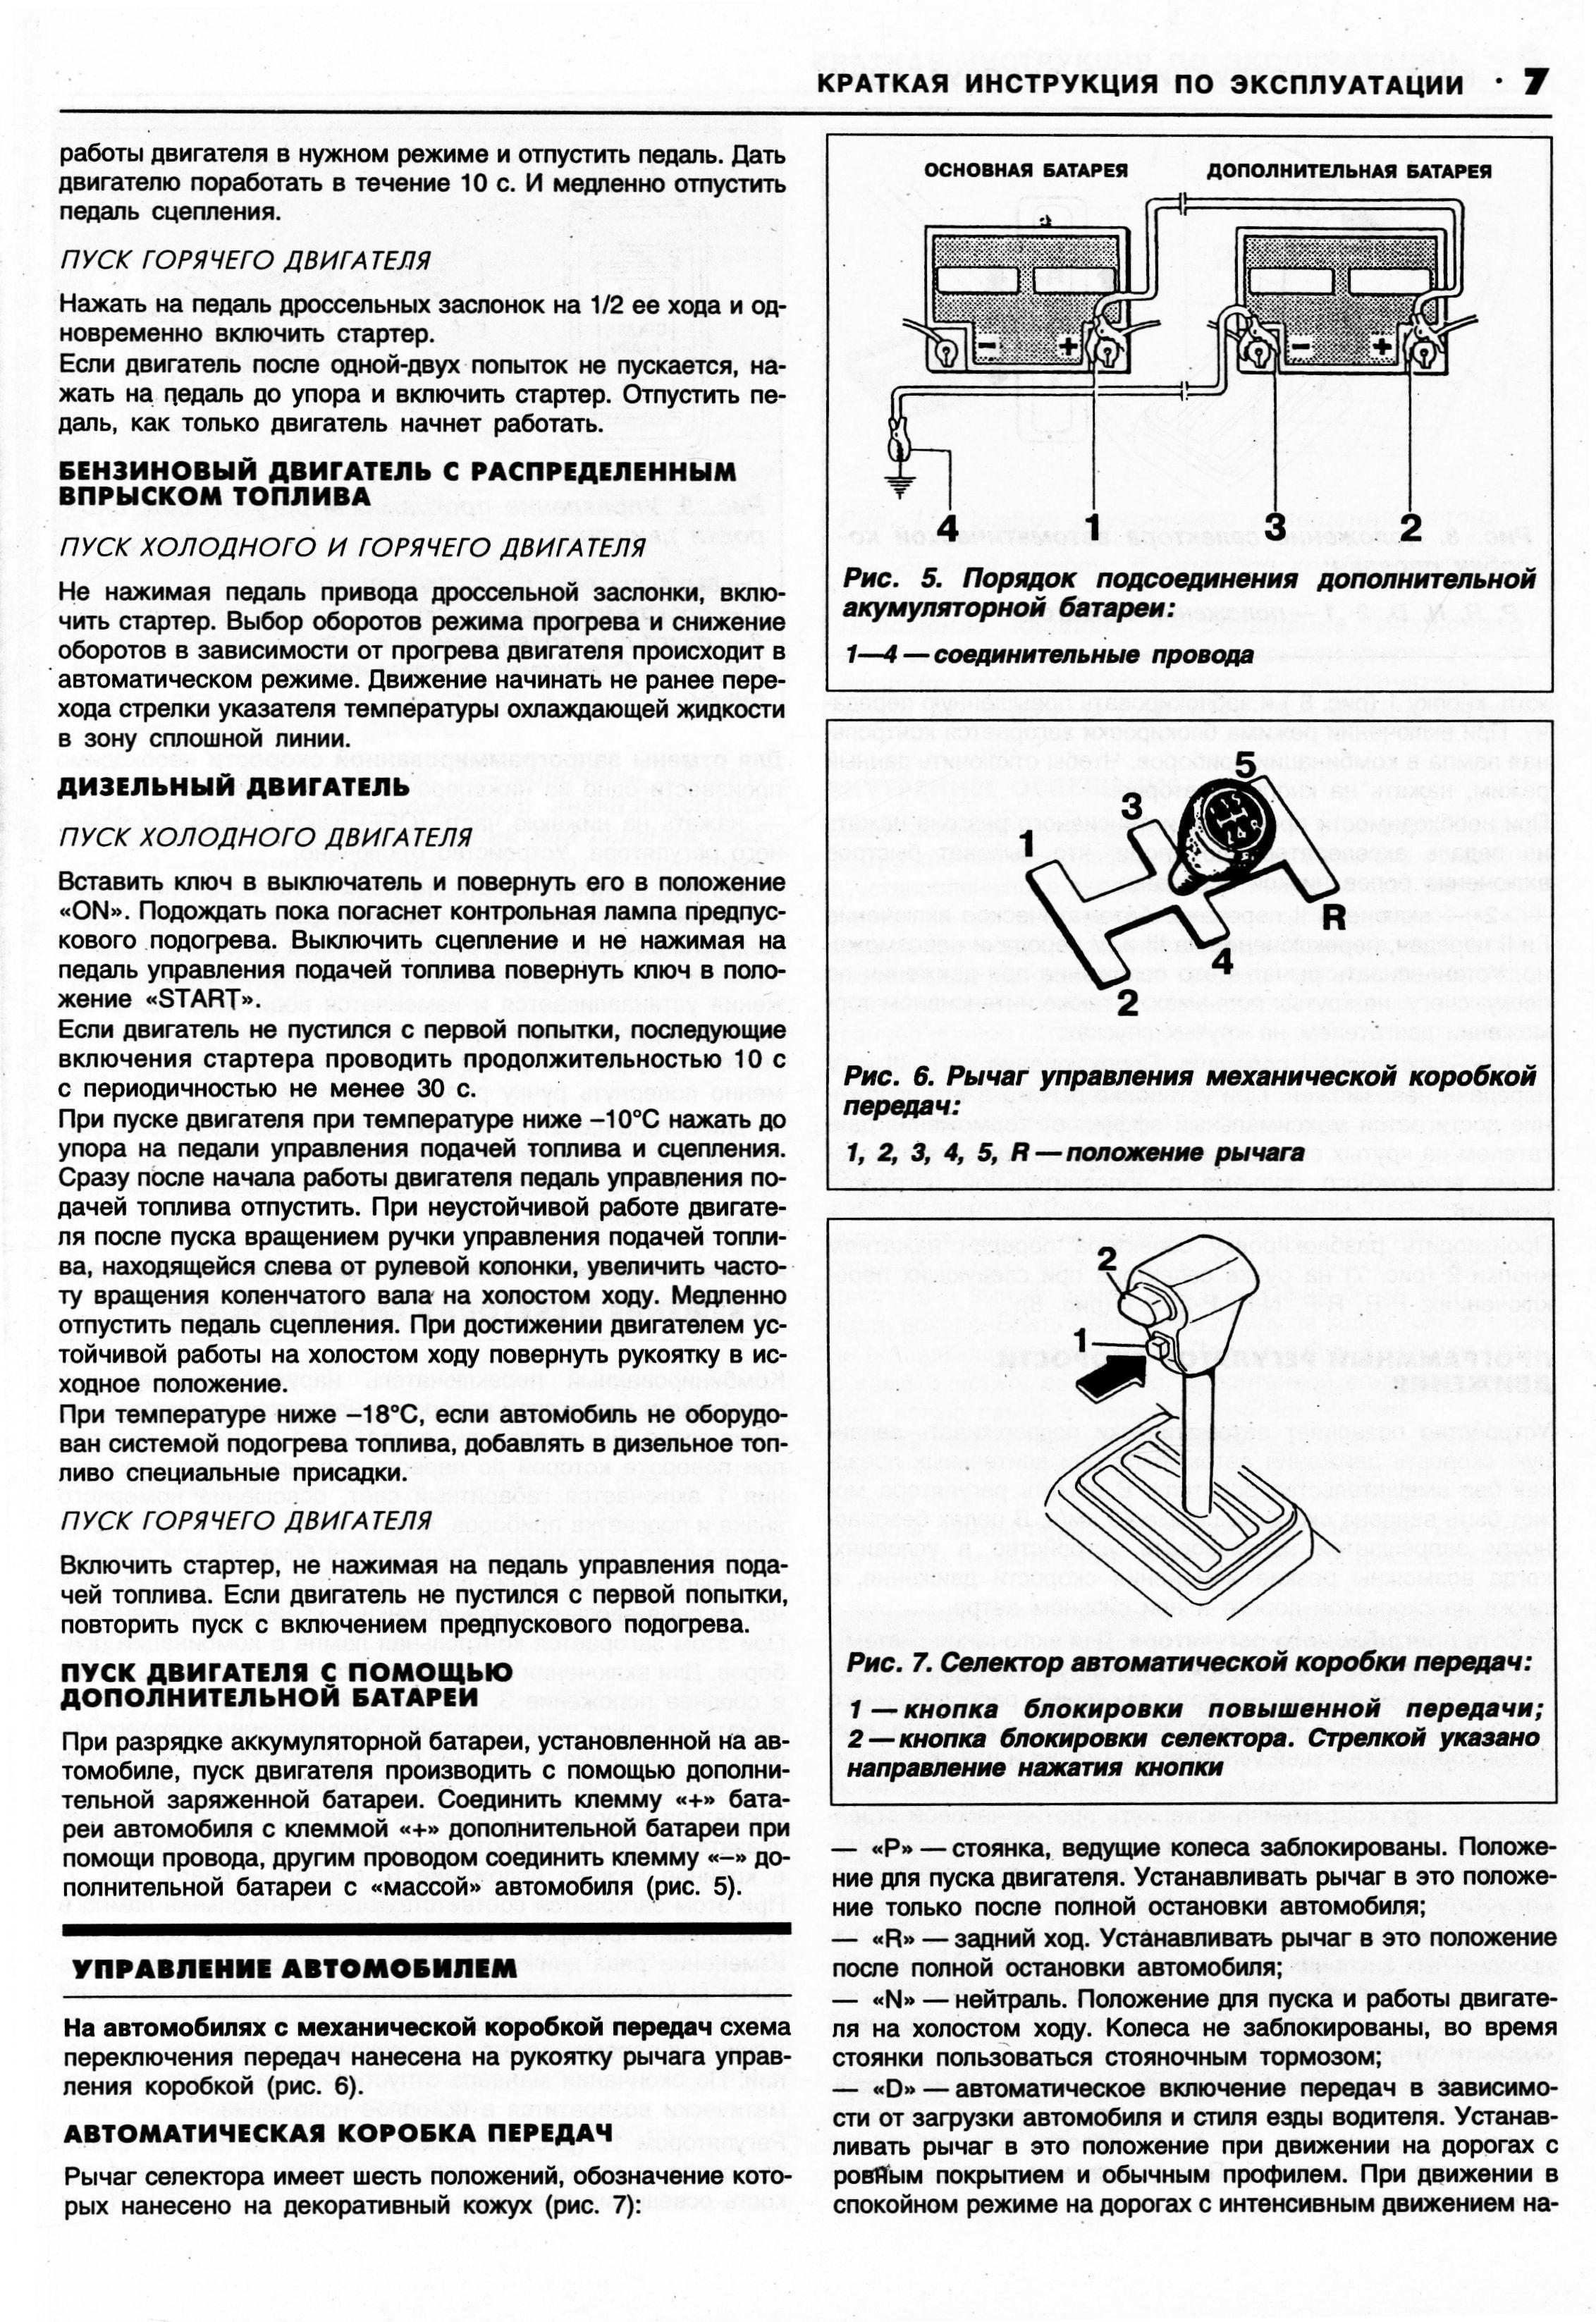 ИНСТРУКЦИЯ ПО ЭКСПЛУАТАЦИИ МАЗДА 626 СКАЧАТЬ БЕСПЛАТНО